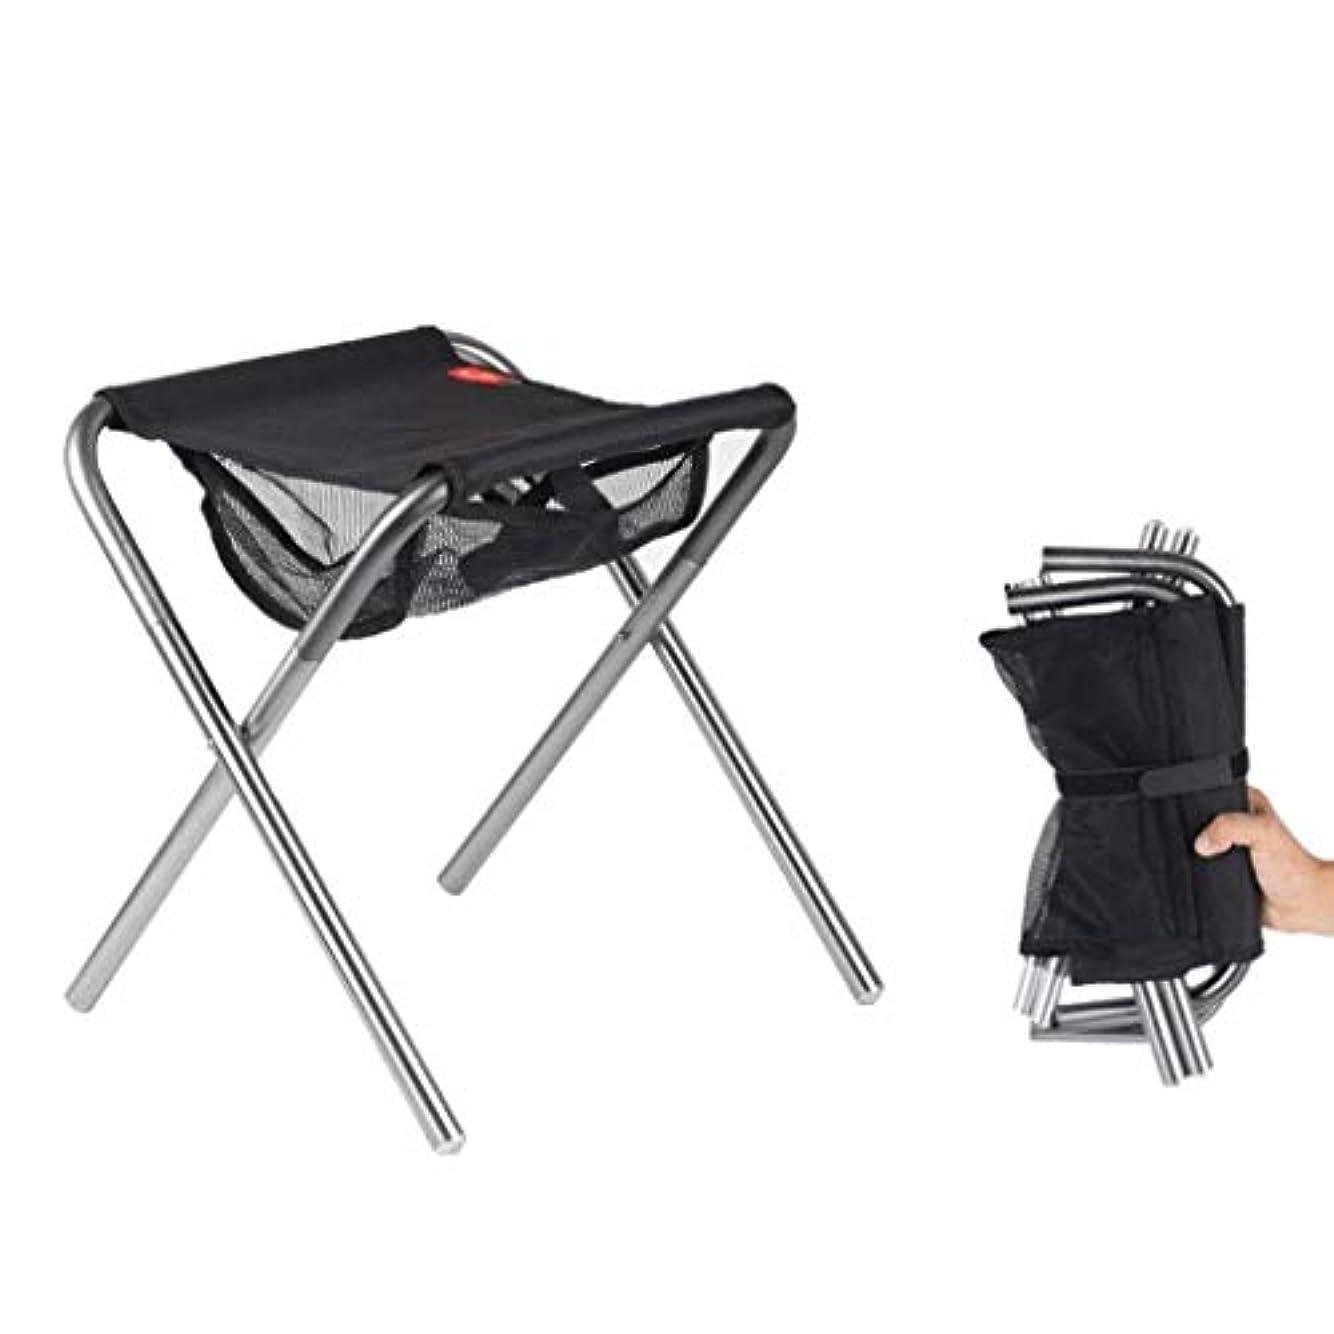 バンドルスキップ履歴書WJMYYX キャンプスツールヘビーデューティハイキング折りたたみ椅子シート軽量折りたたみスツール折りたたみ式釣りスツール理想的なポータブルトラベルチェア (Color : Silver)